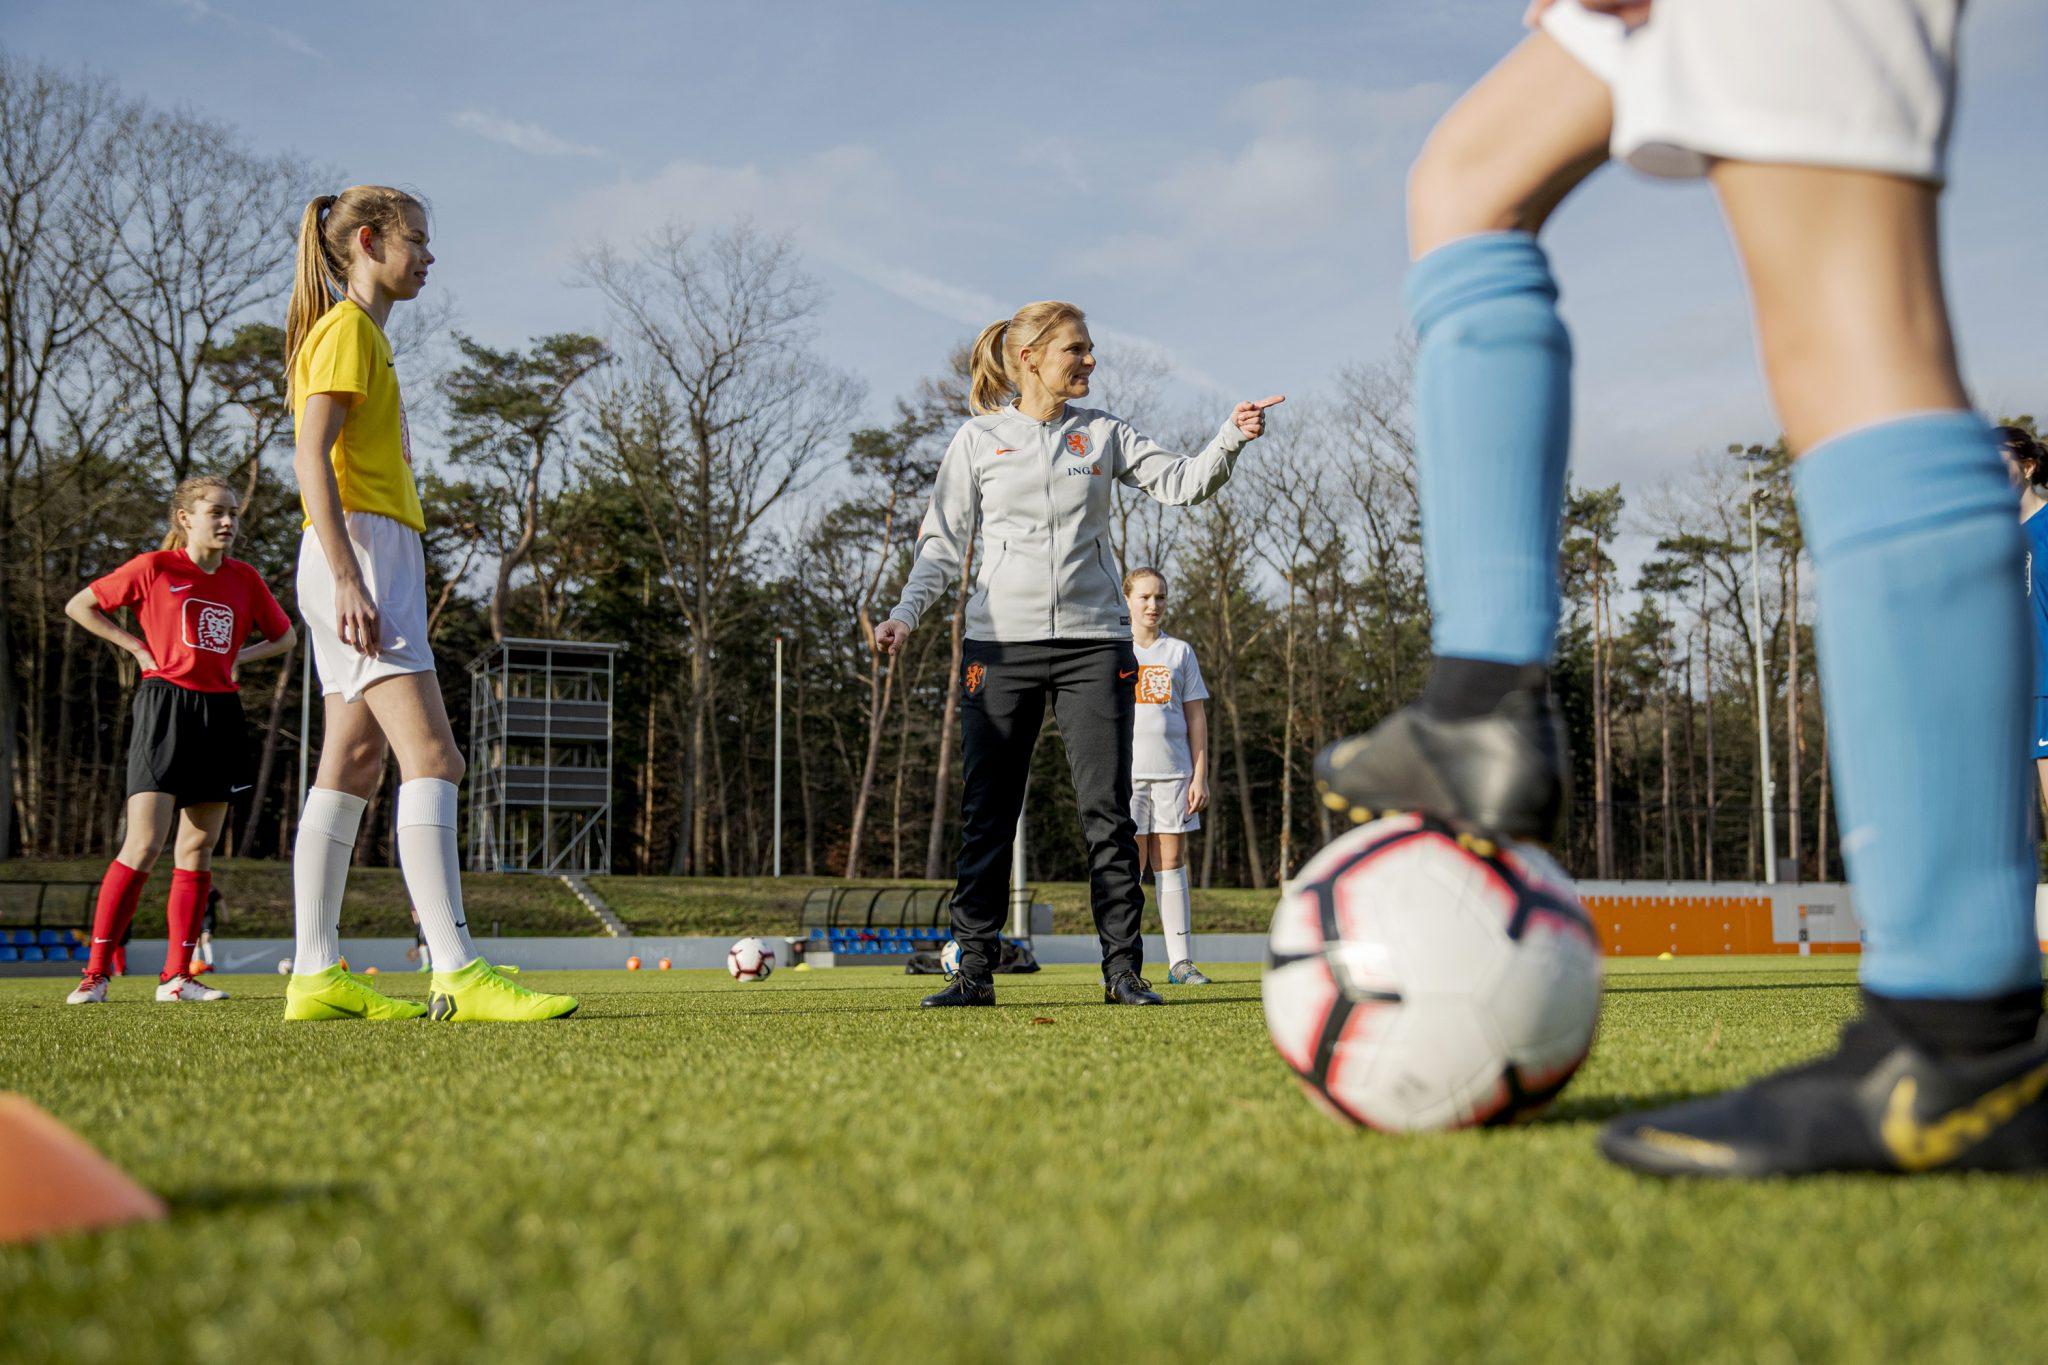 vvv Westzaan en ING verlengen sponsorcontract en gaan samen voor 25% groei in het meiden- en vrouwenvoetbal